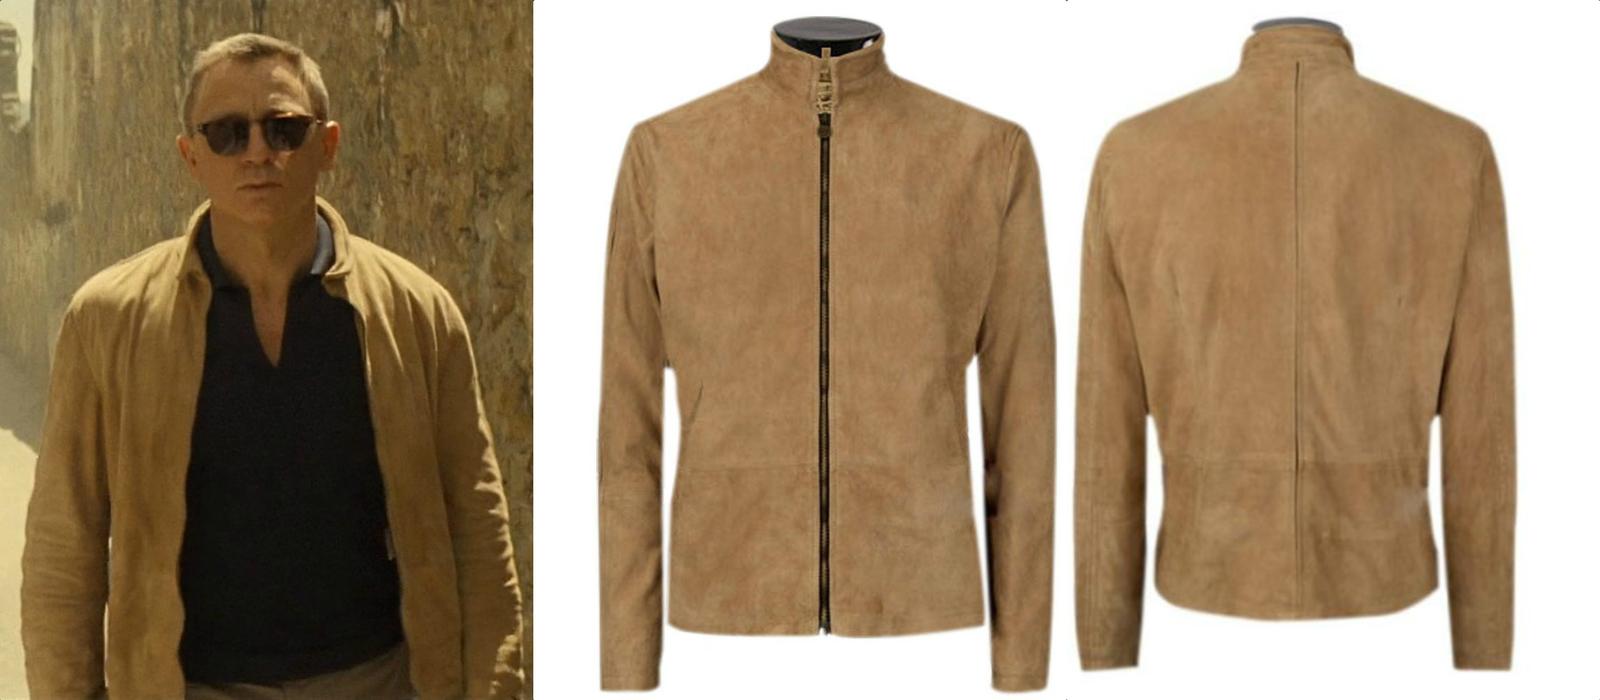 0cf5d50af1646 Daniel Craig Morocco Spectre Brown Jacket